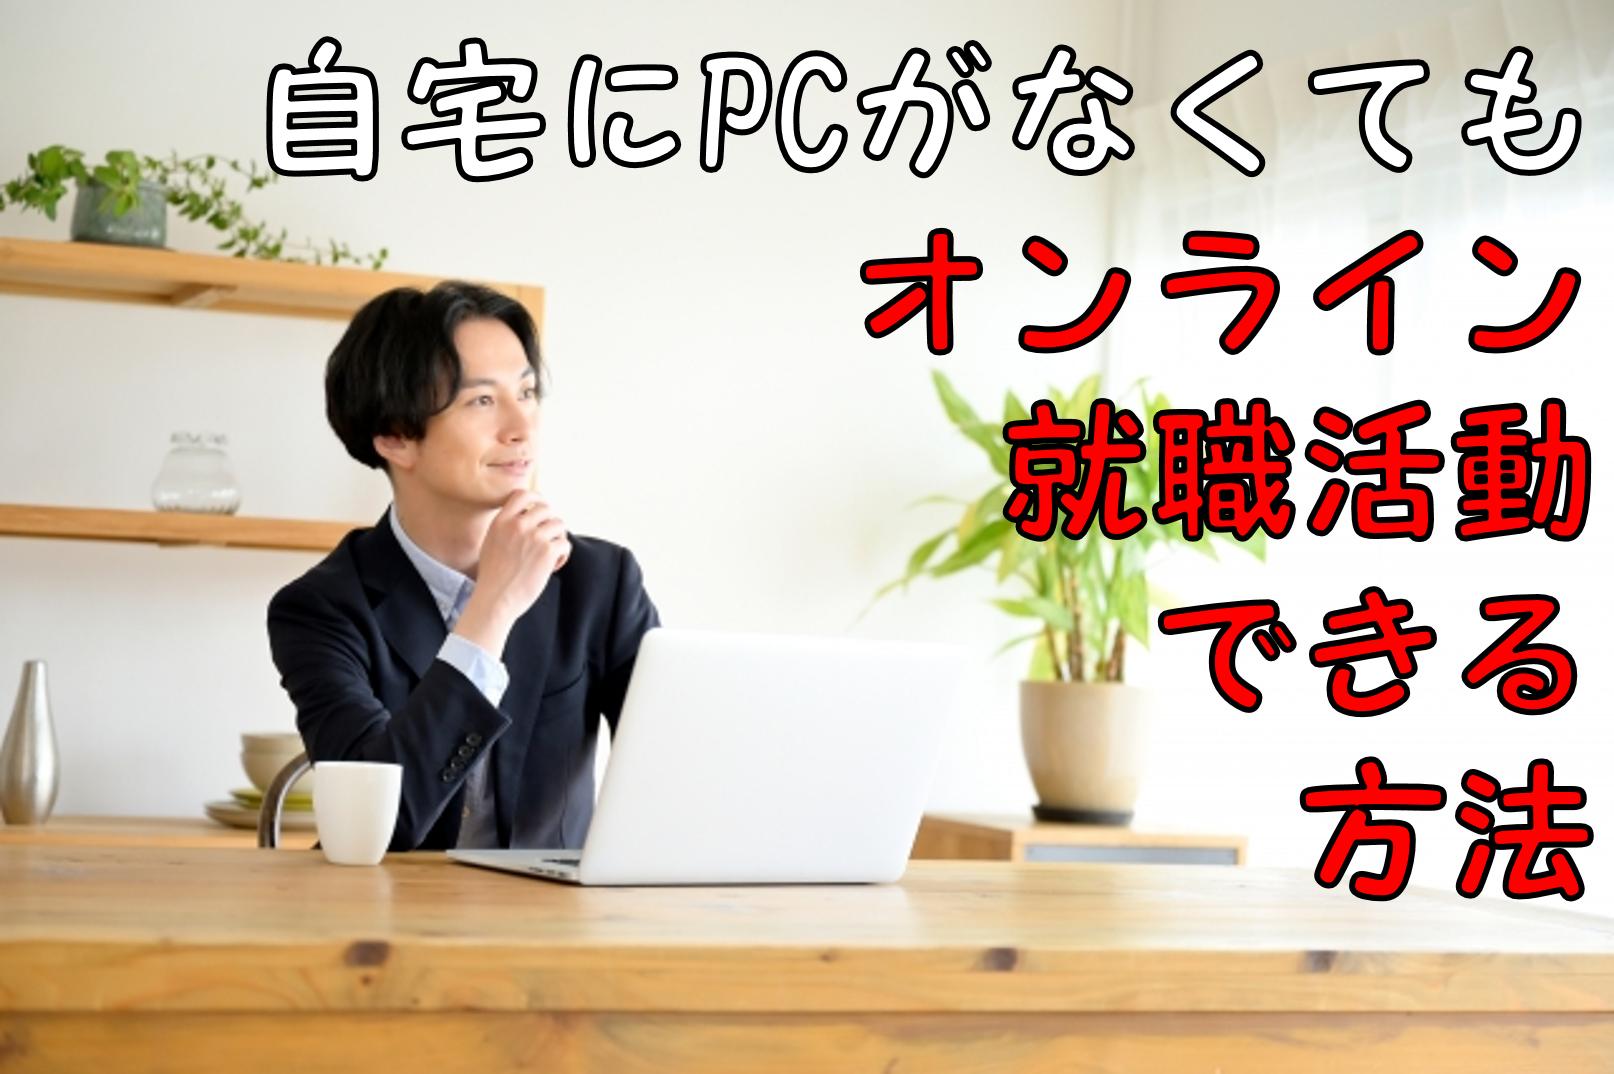 自宅でPCがなくても就職活動をオンラインで進められる方法